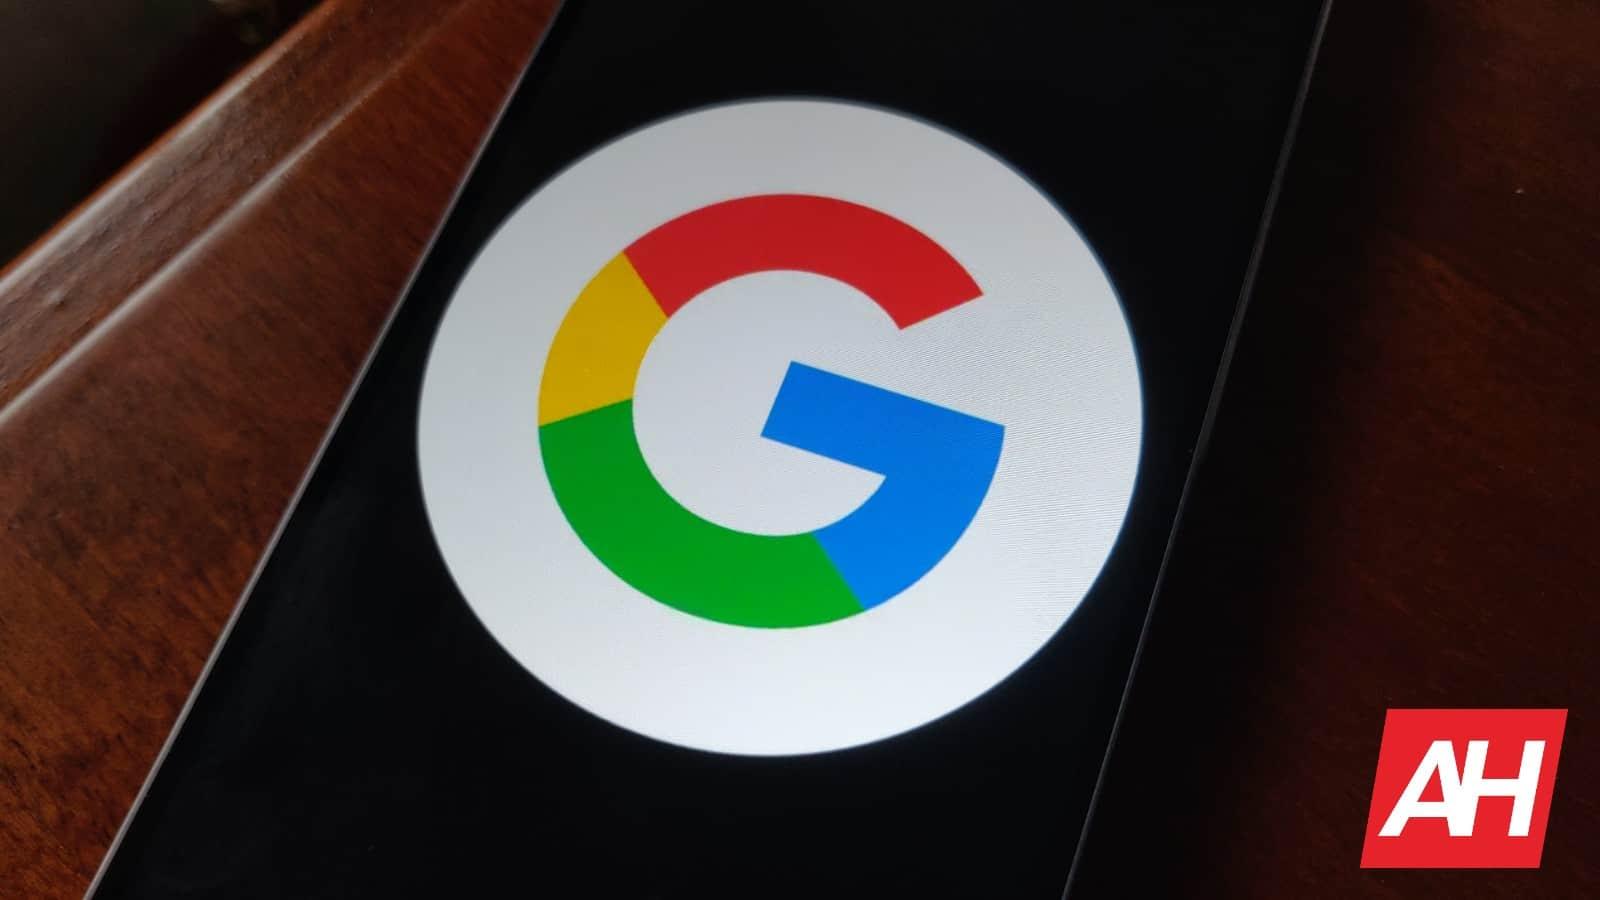 AH Google app new logo 1